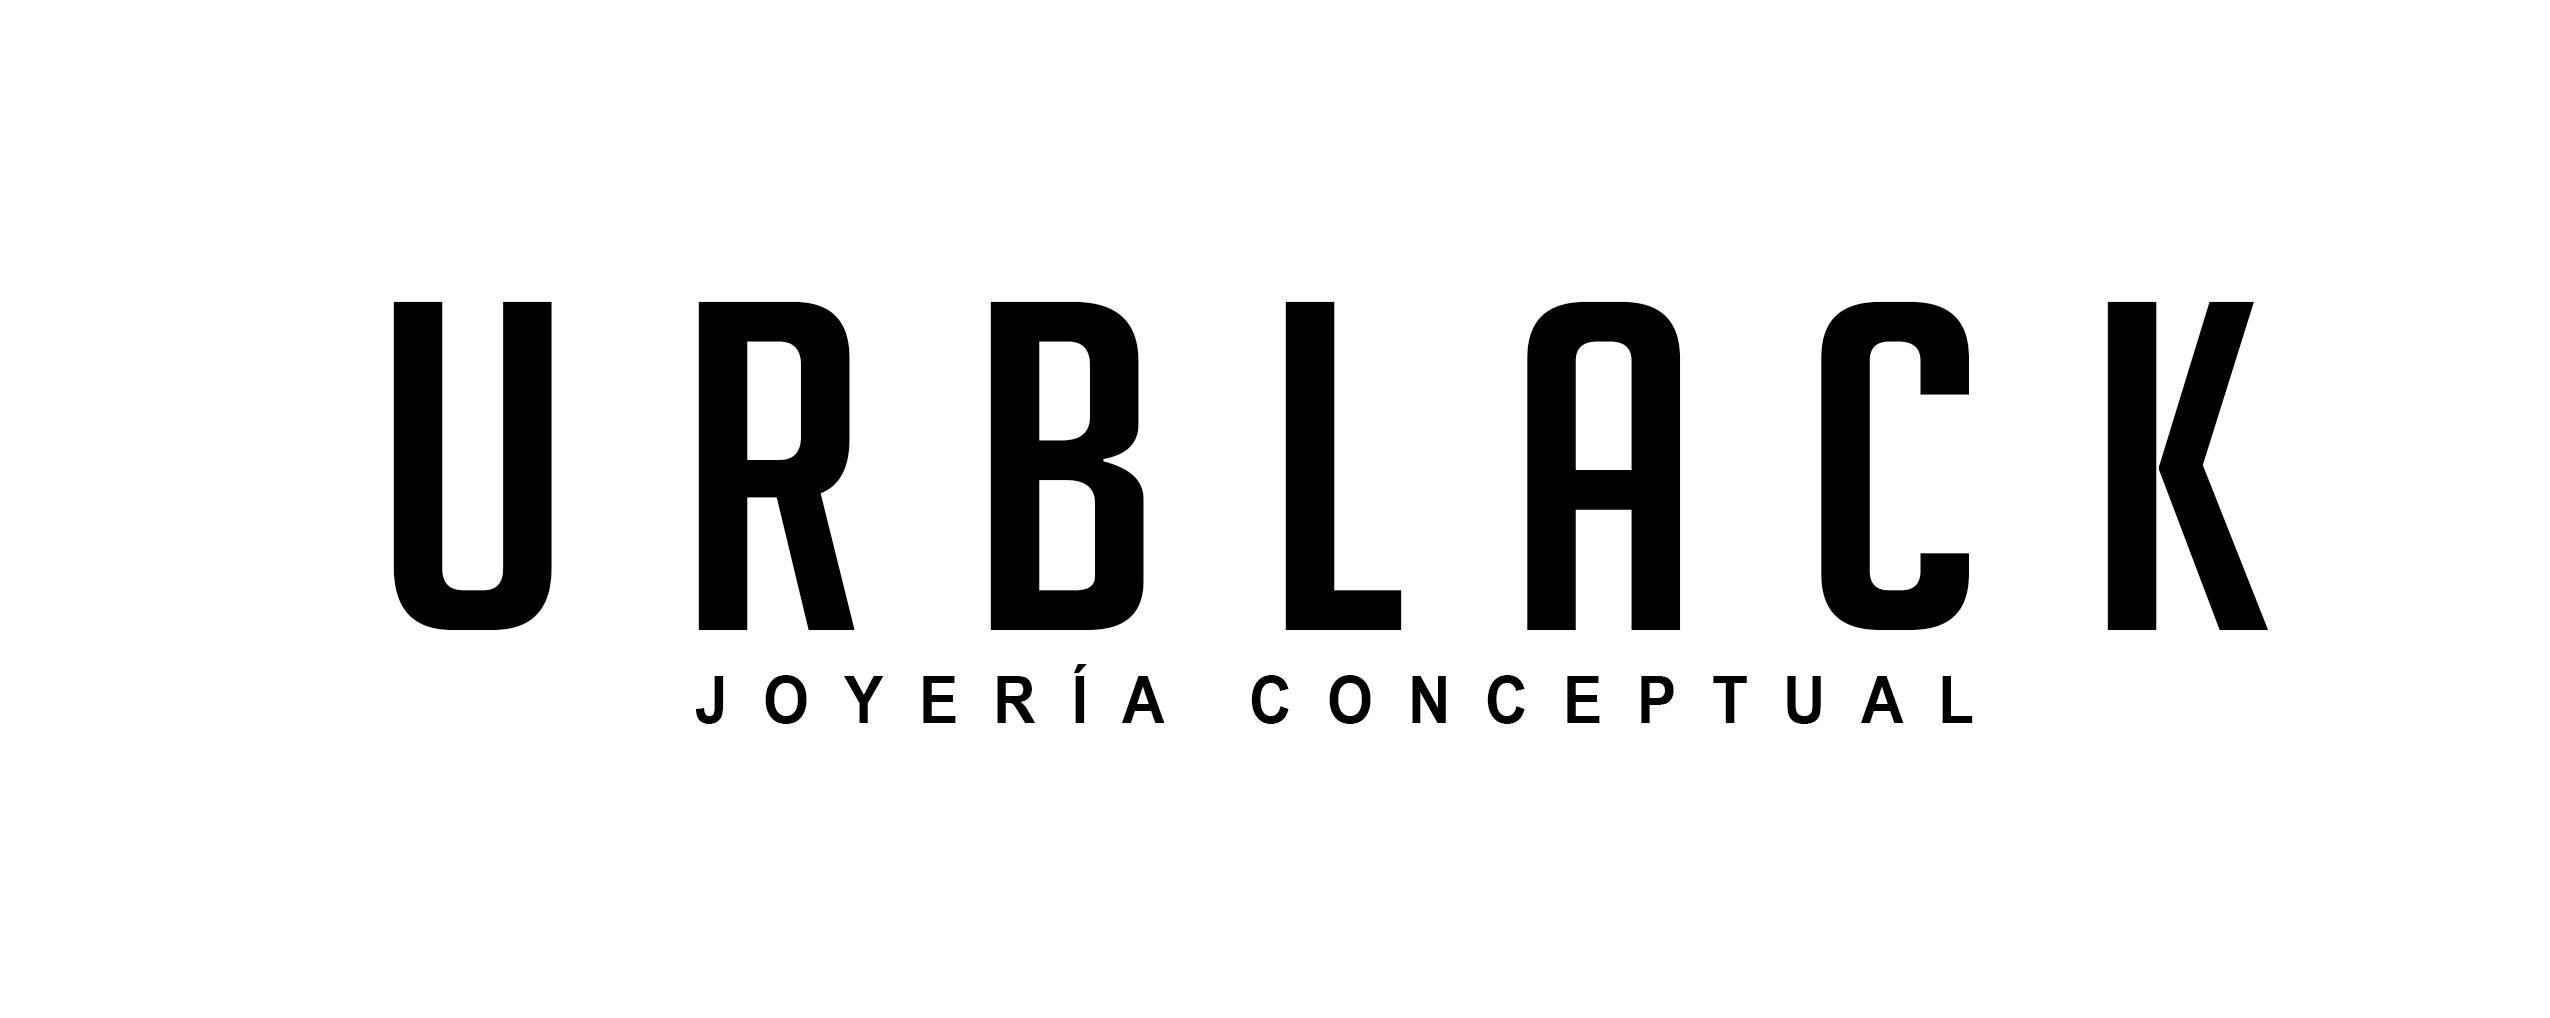 Urblack – Joyería conceptual